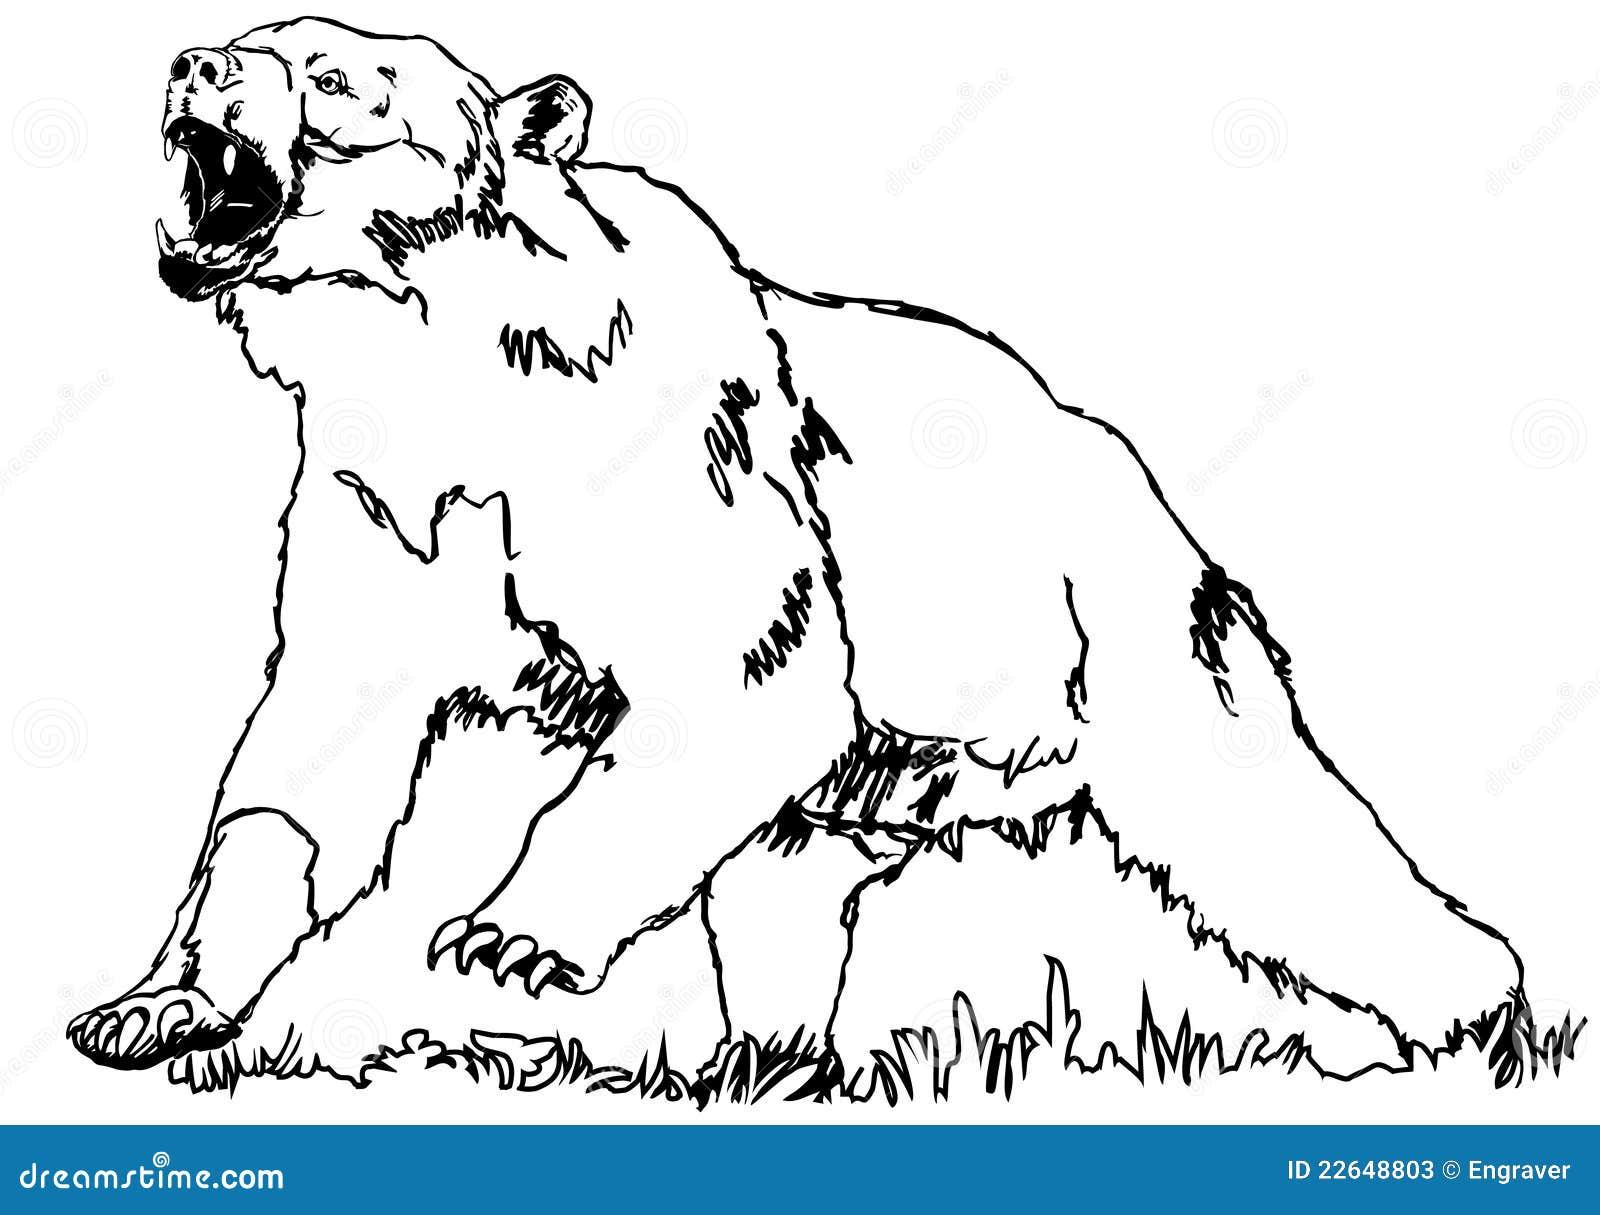 Erfreut Malvorlagen Eines Bären Fotos - Beispiel Business Lebenslauf ...